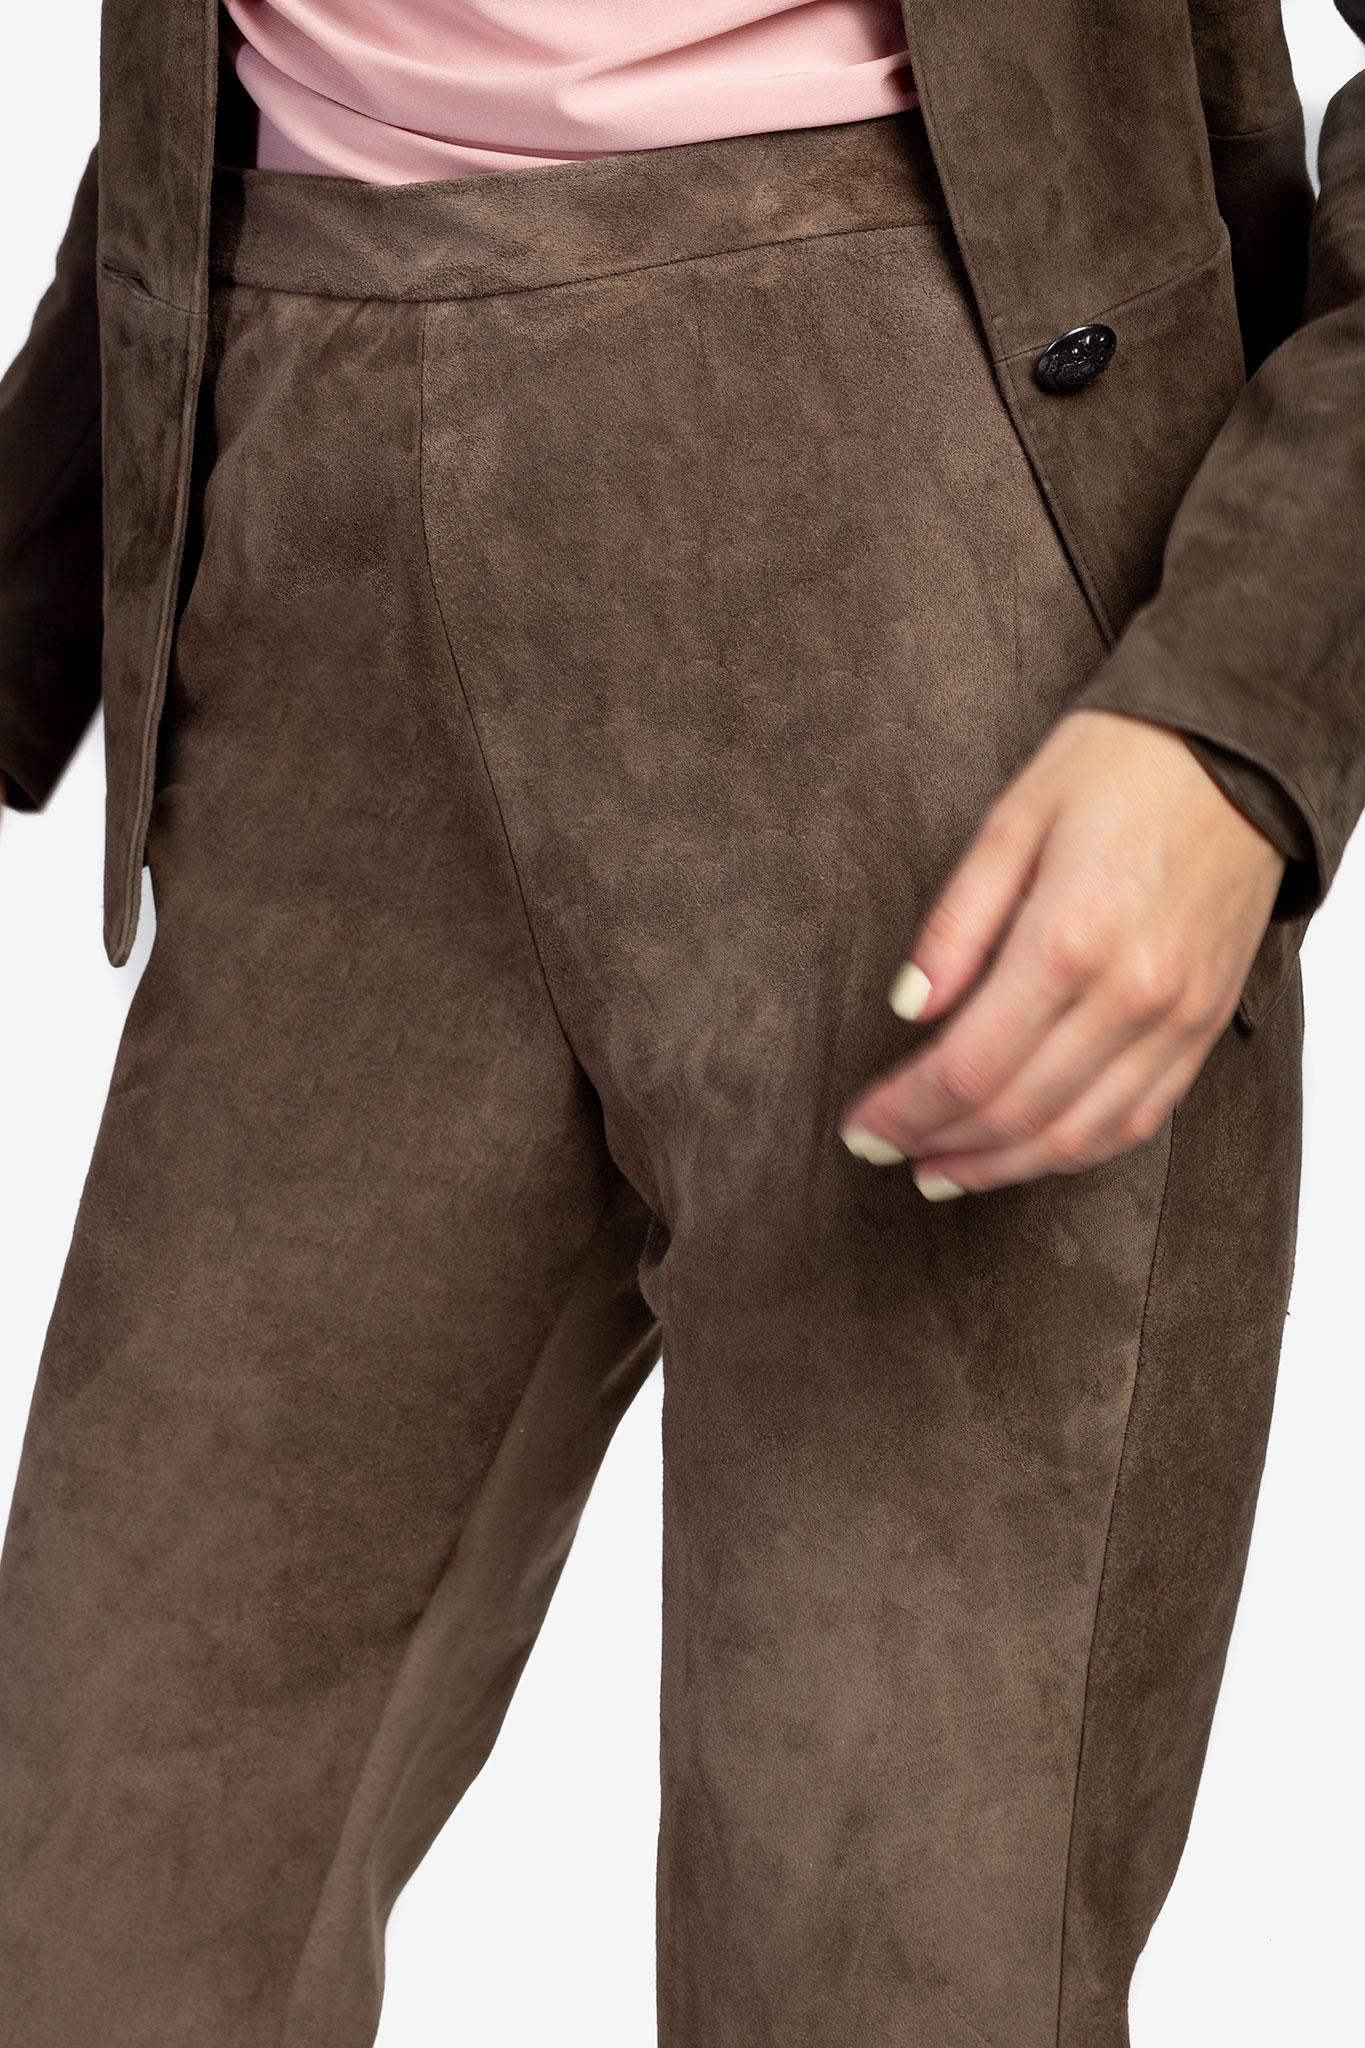 Pantaloni din piele intoarsa Acob a Porter imagine 3